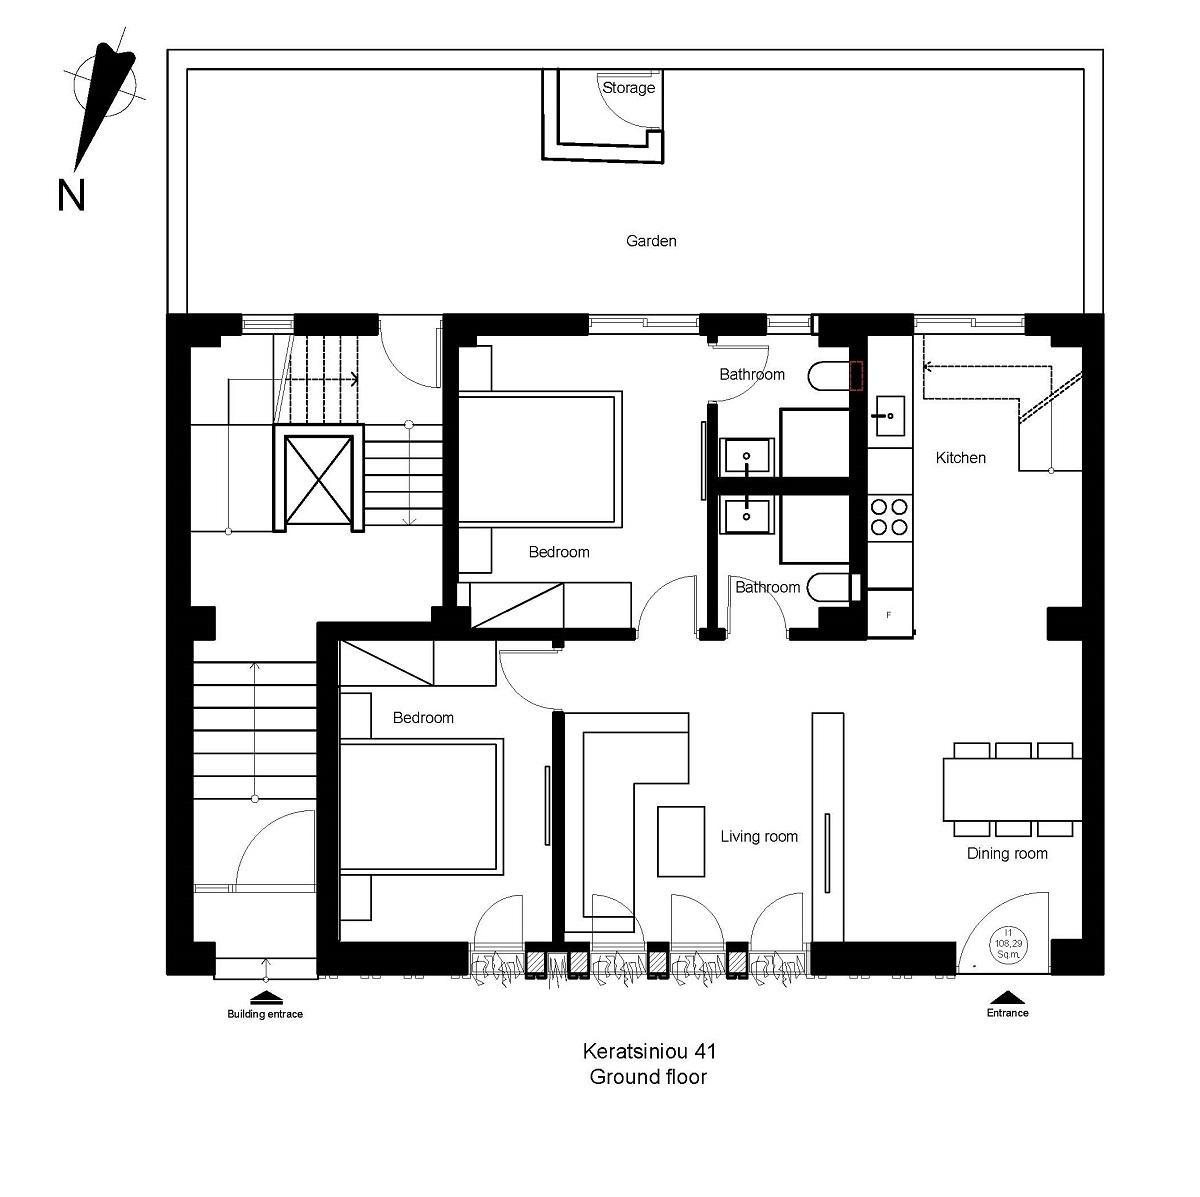 Keratsiniou 41 ground floor plan